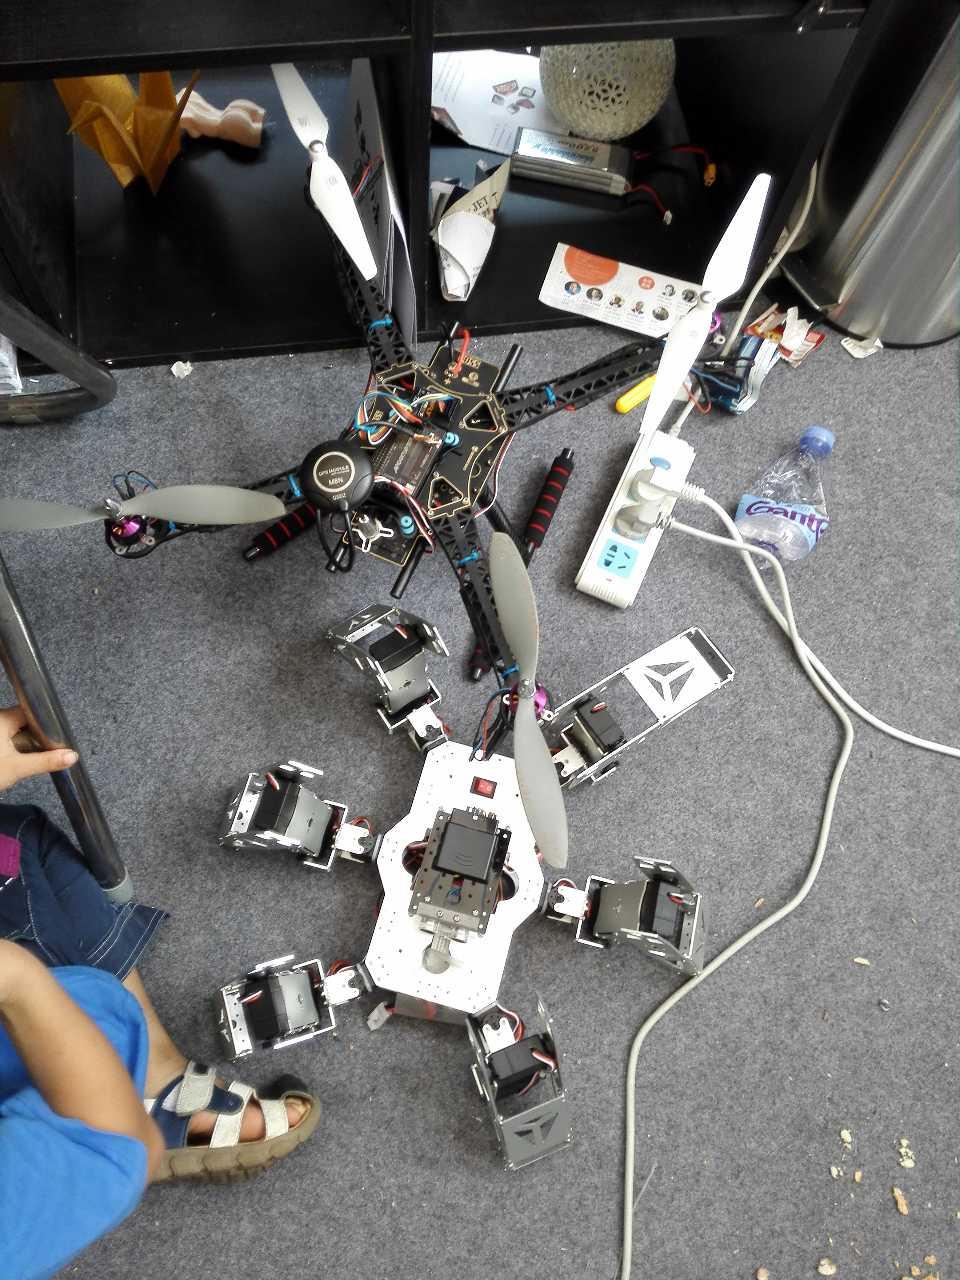 来自蒲丽华发布的商务合作信息:需求资源: 新硬件领域:无人飞行器、无... - 深圳市电子商会